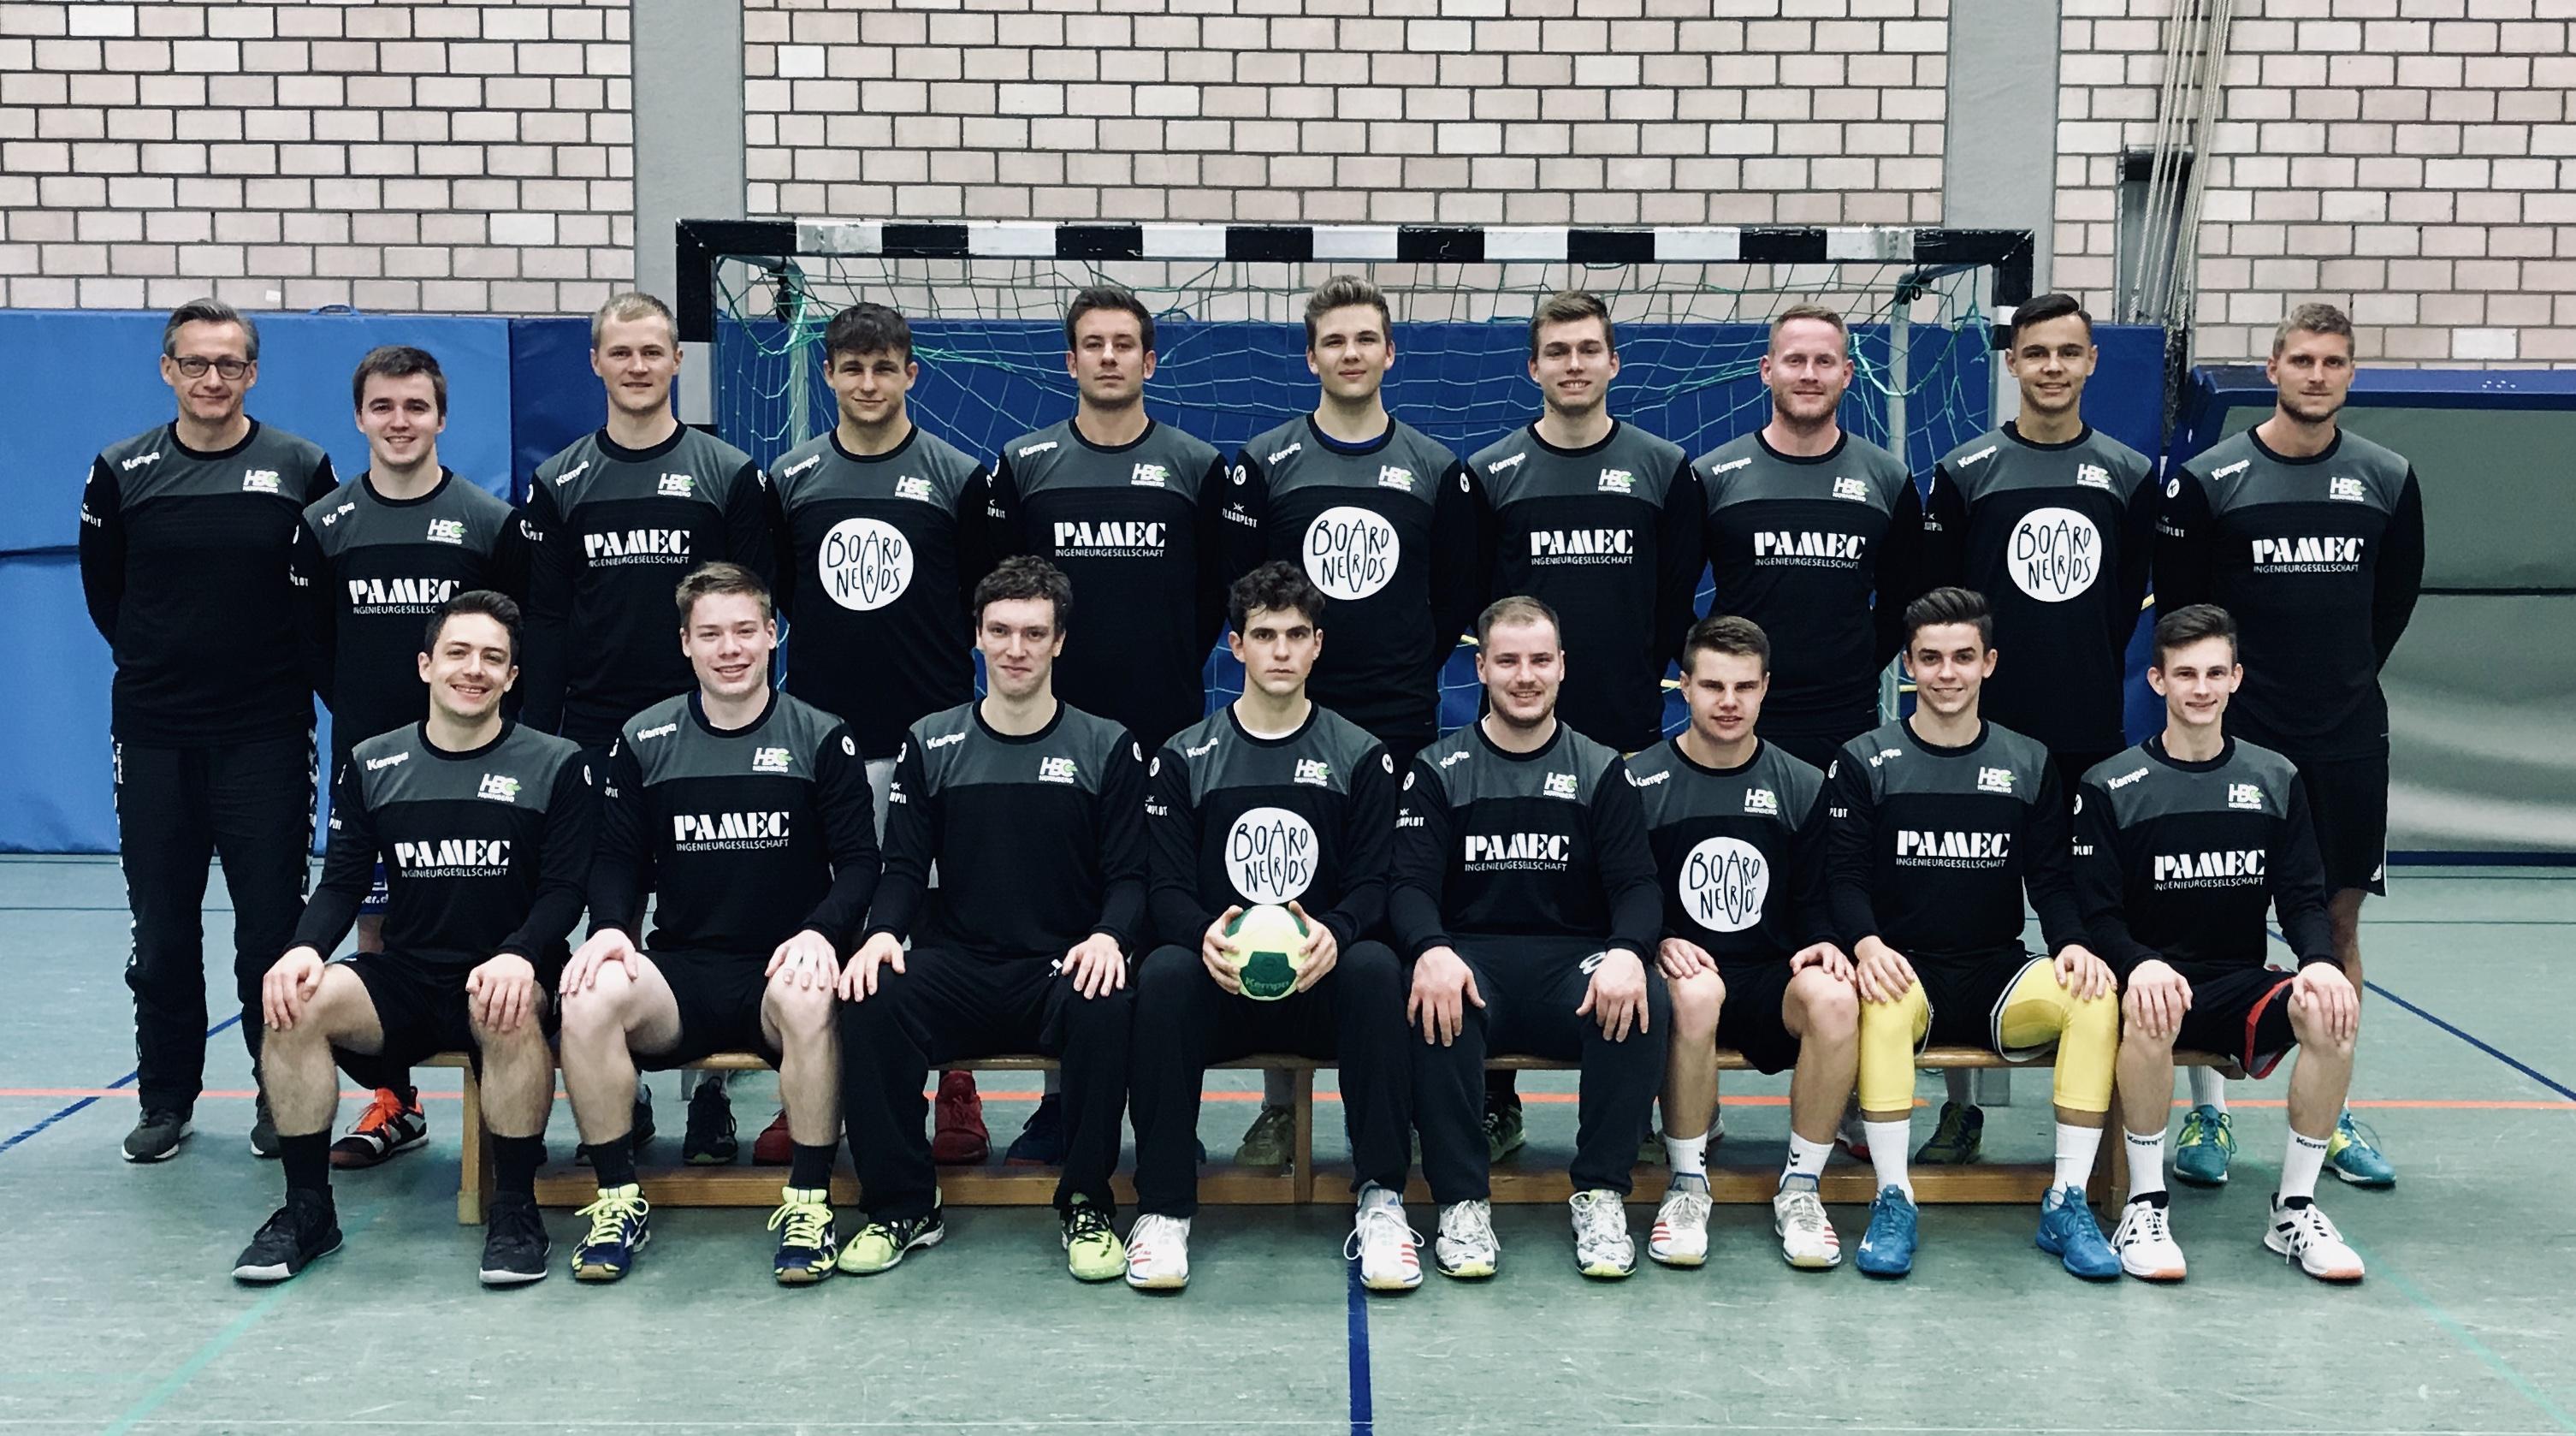 Klarer Sieg für den HBC im Nürnberger Stadt-Derby